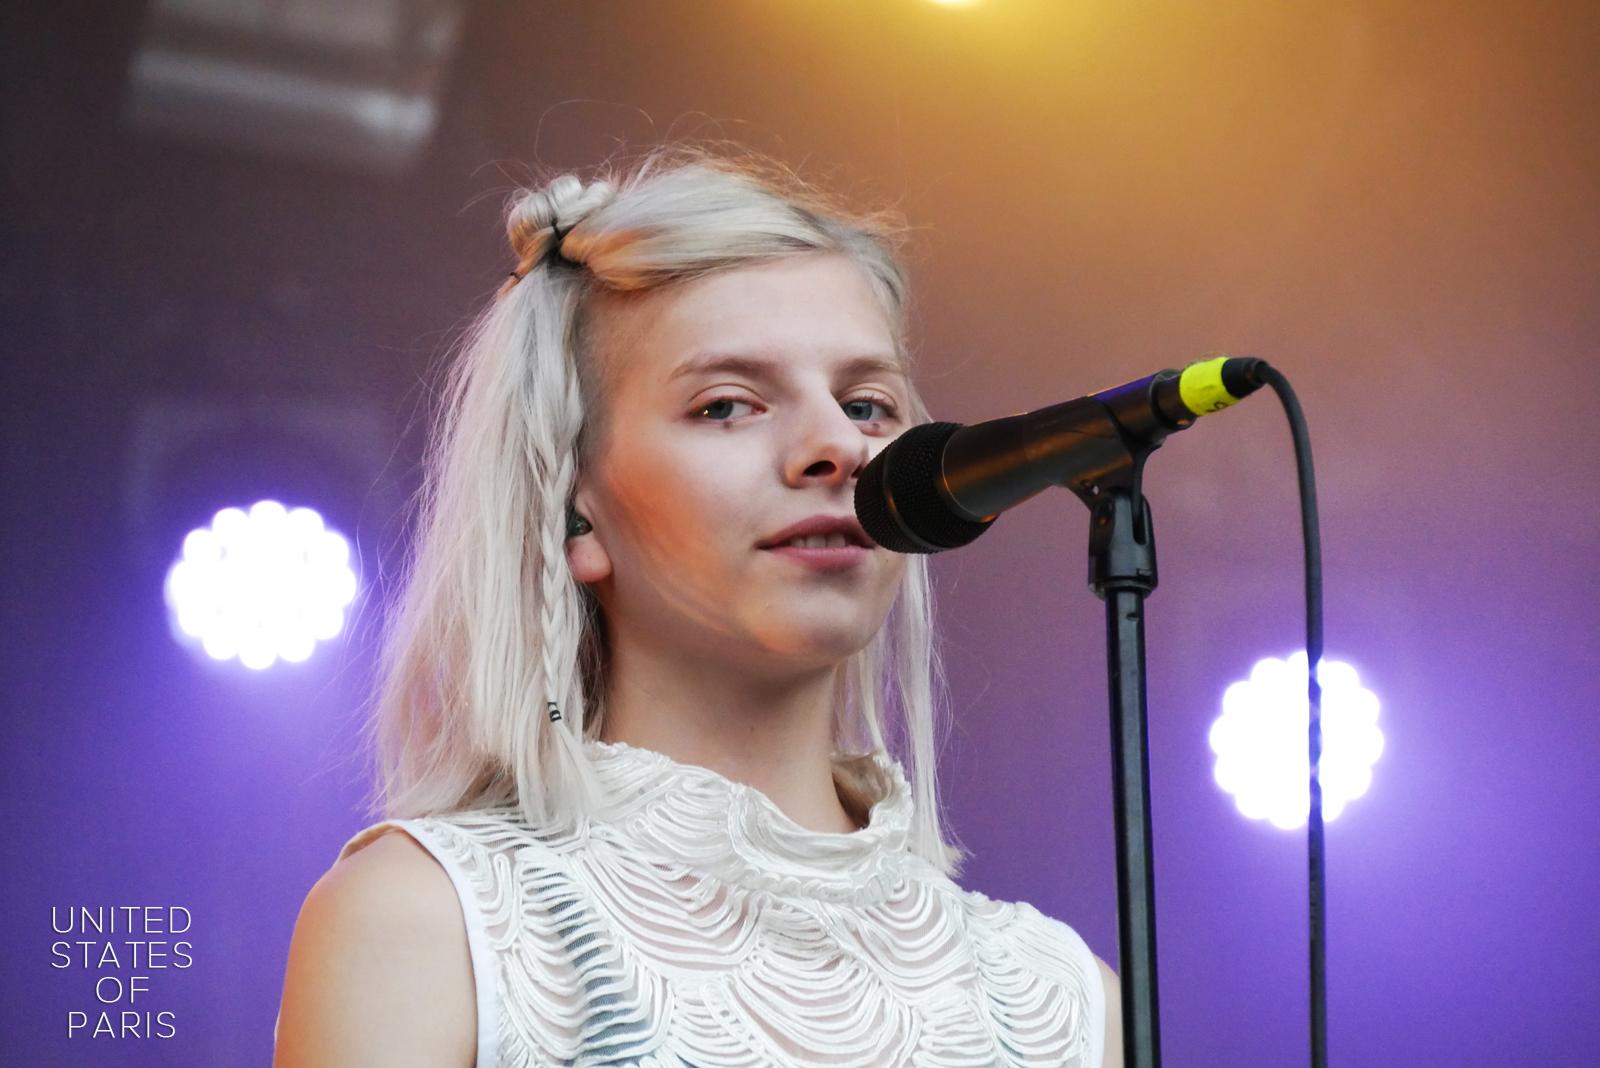 Aurora music eyes portrait live concert Rock en Seine 2016 stage photo united states of paris blog